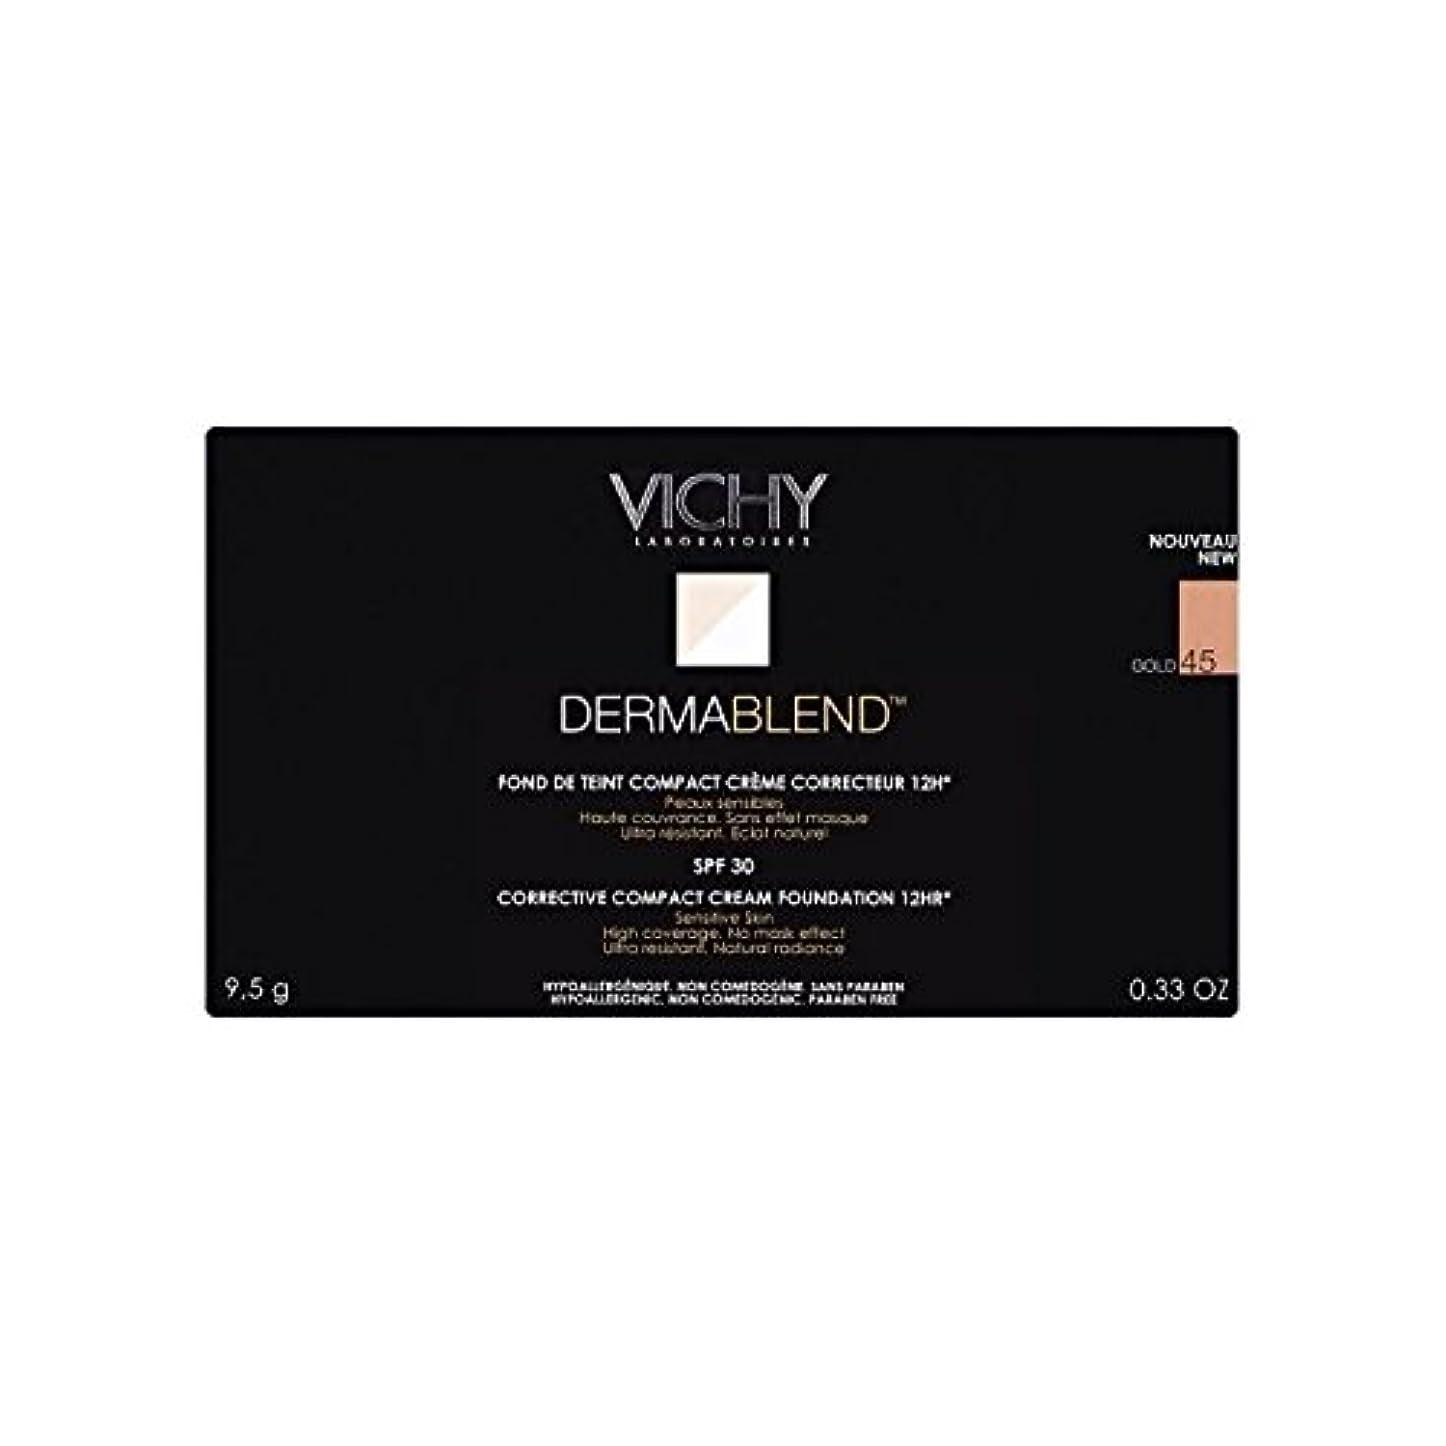 クレデンシャル家主小道具Vichy Dermablend Corrective Compact Cream Foundation Gold 45 - ヴィシー是正コンパクトクリームファンデーション金45 [並行輸入品]